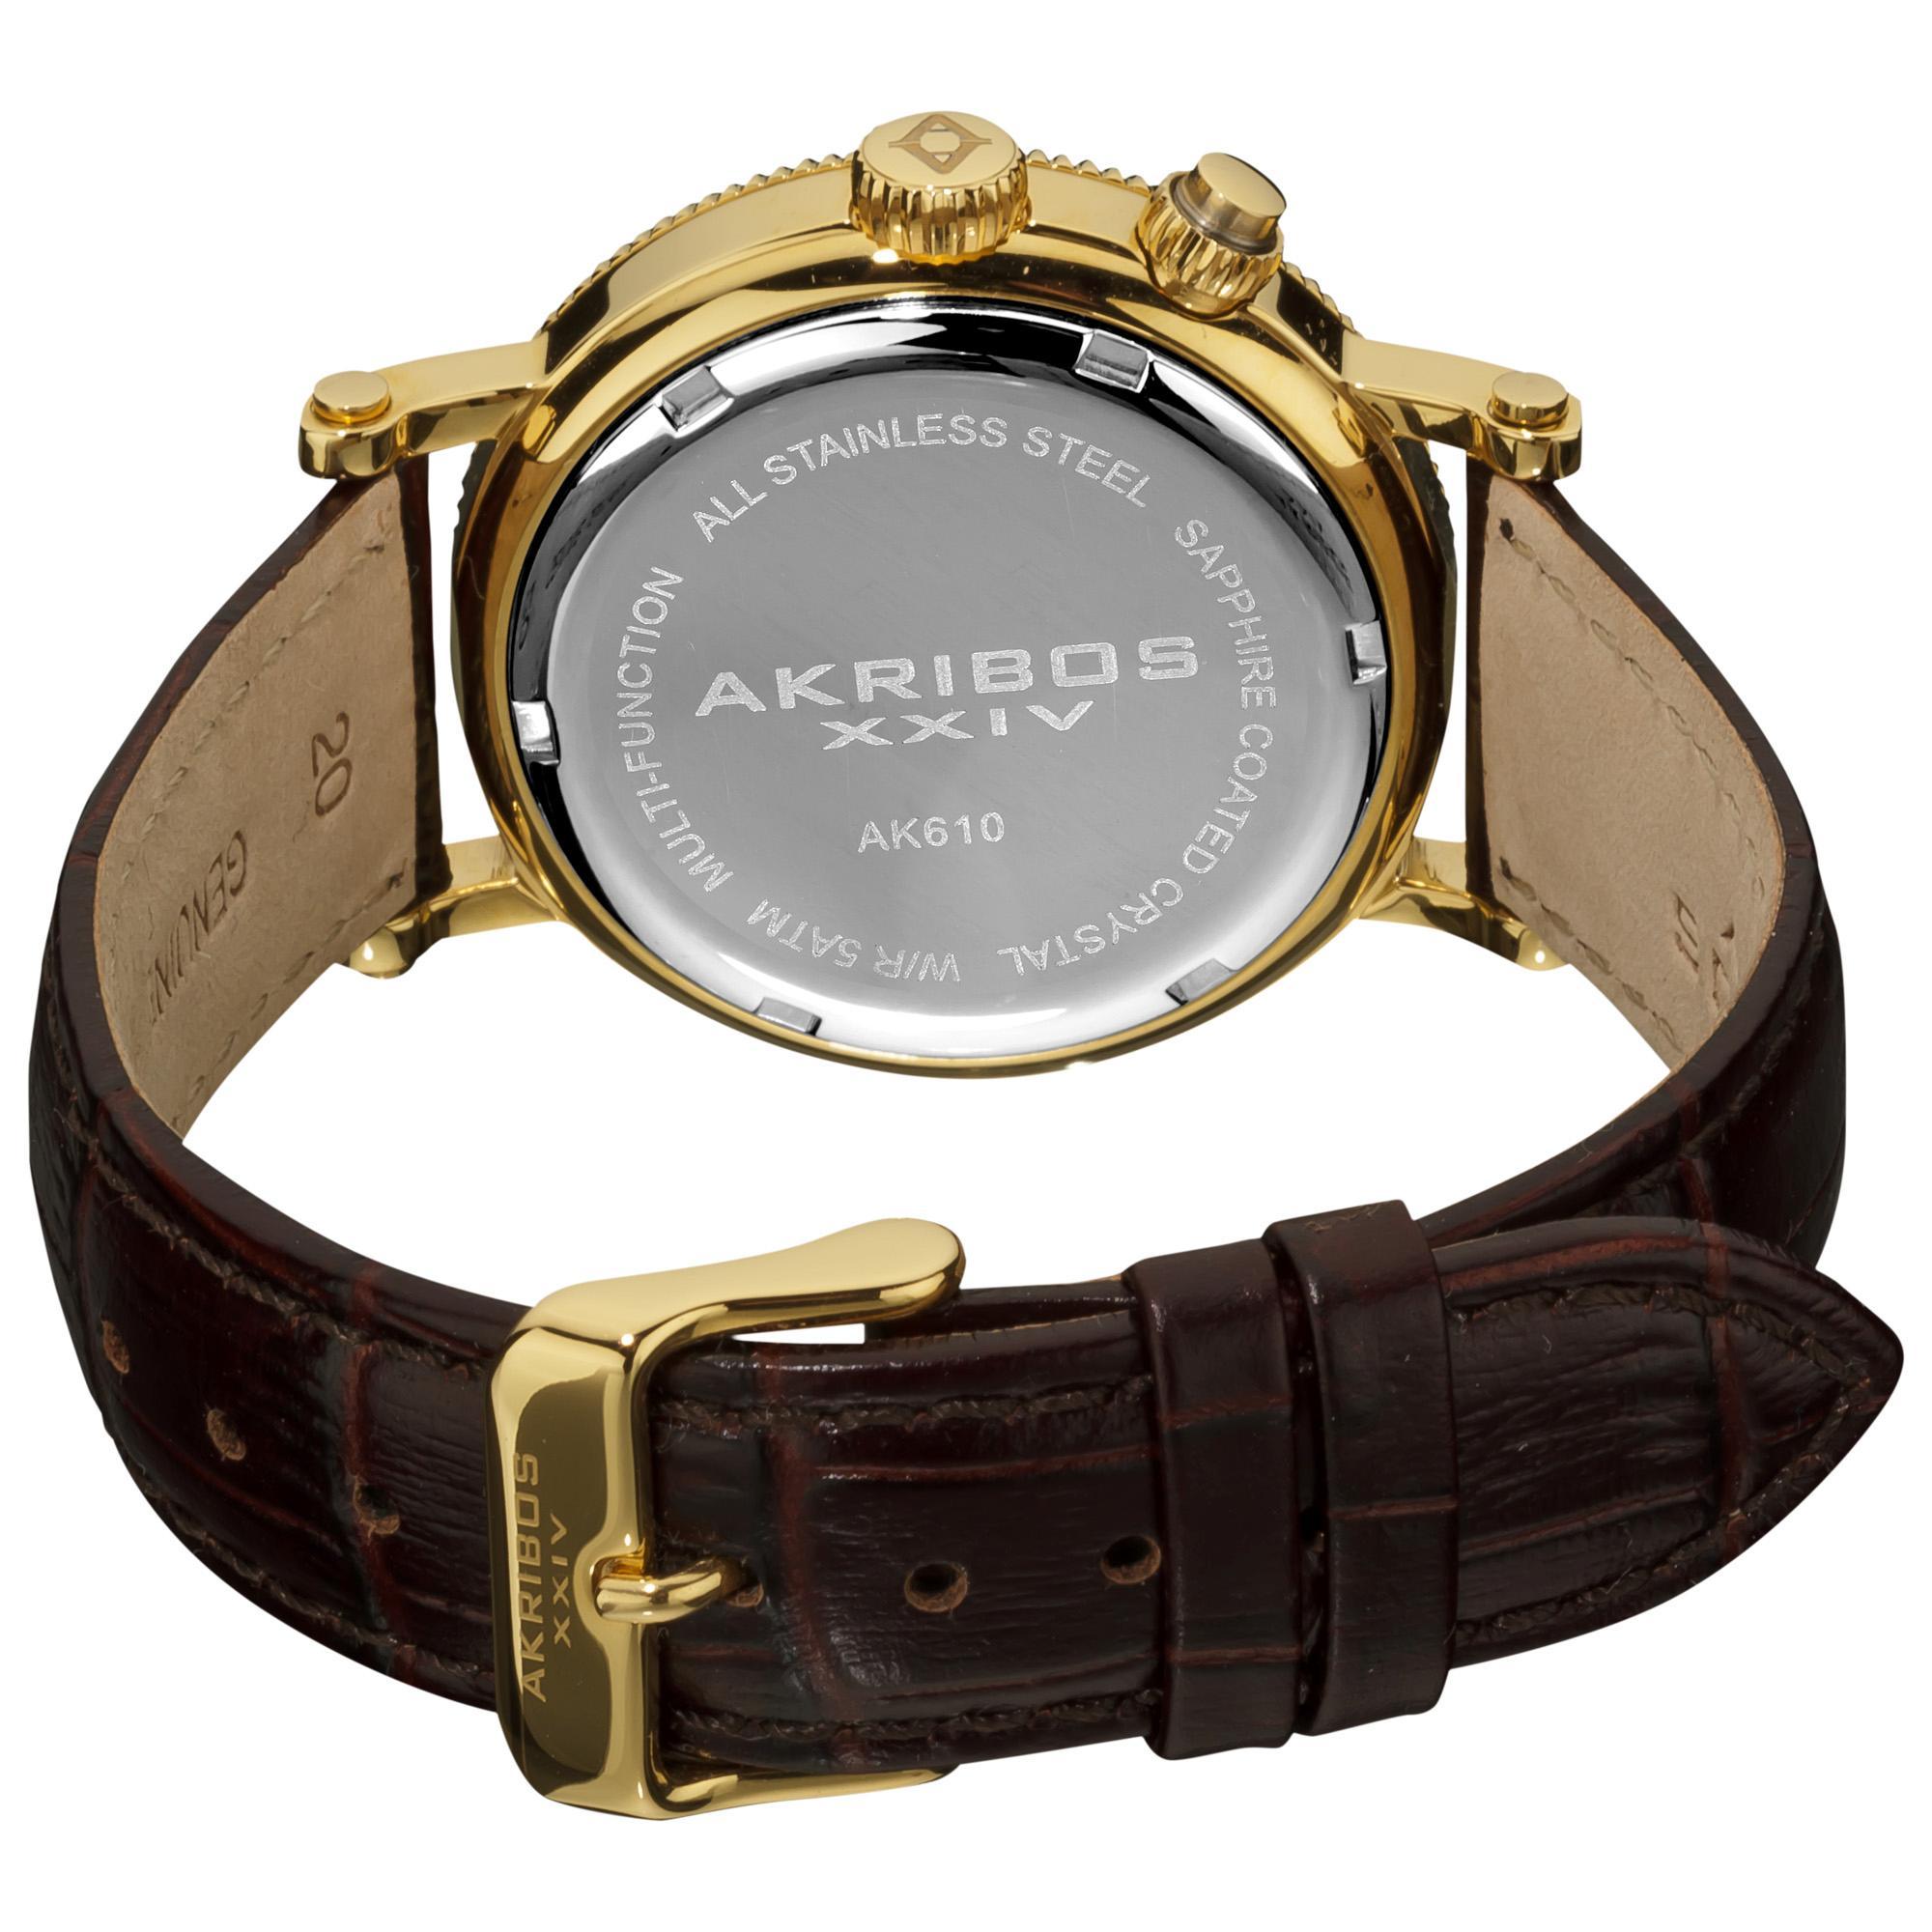 Akribos Xxiv S Ak610br Ultimate Multi Function Swiss Www Ak573rg Quartz Men Gold